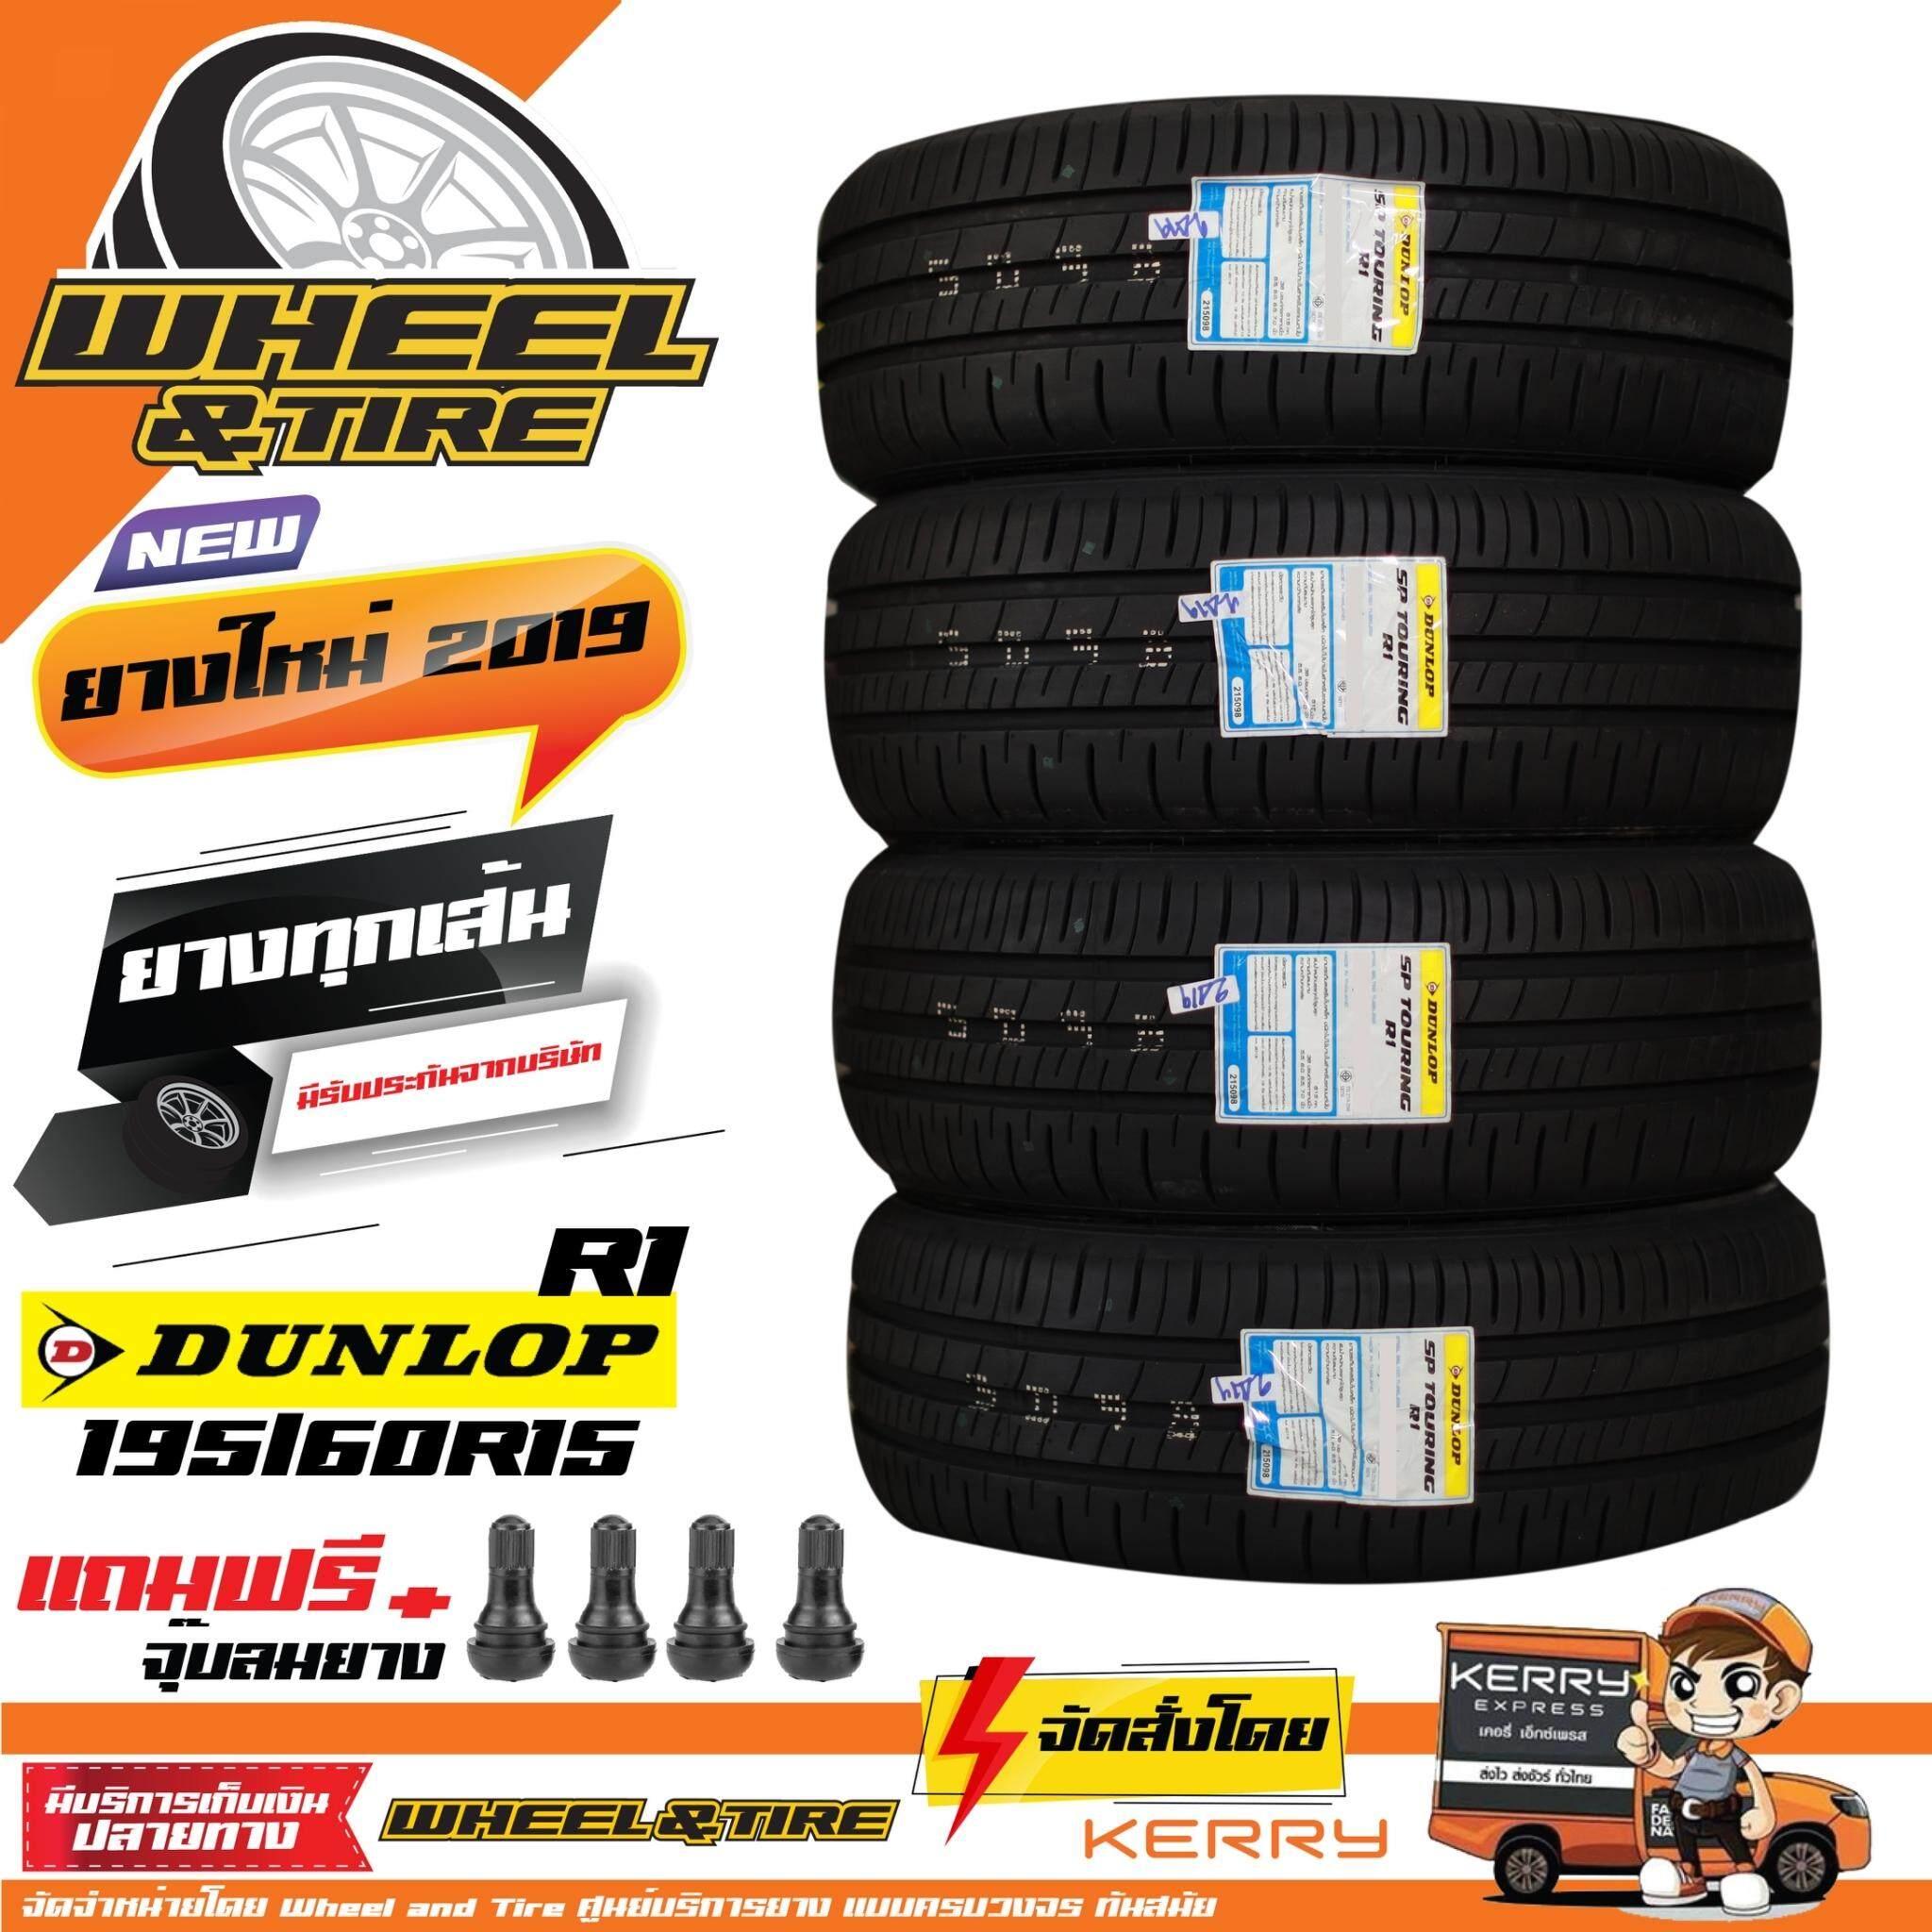 ประกันภัย รถยนต์ 2+ ชัยนาท Dunlop ยางรถยนต์ 195/60R15 รุ่น SP Touring R1   จำนวน 4 เส้น ยางใหม่ปี 2019   แถมฟรีจุ๊บลมยาง 4 ชิ้น